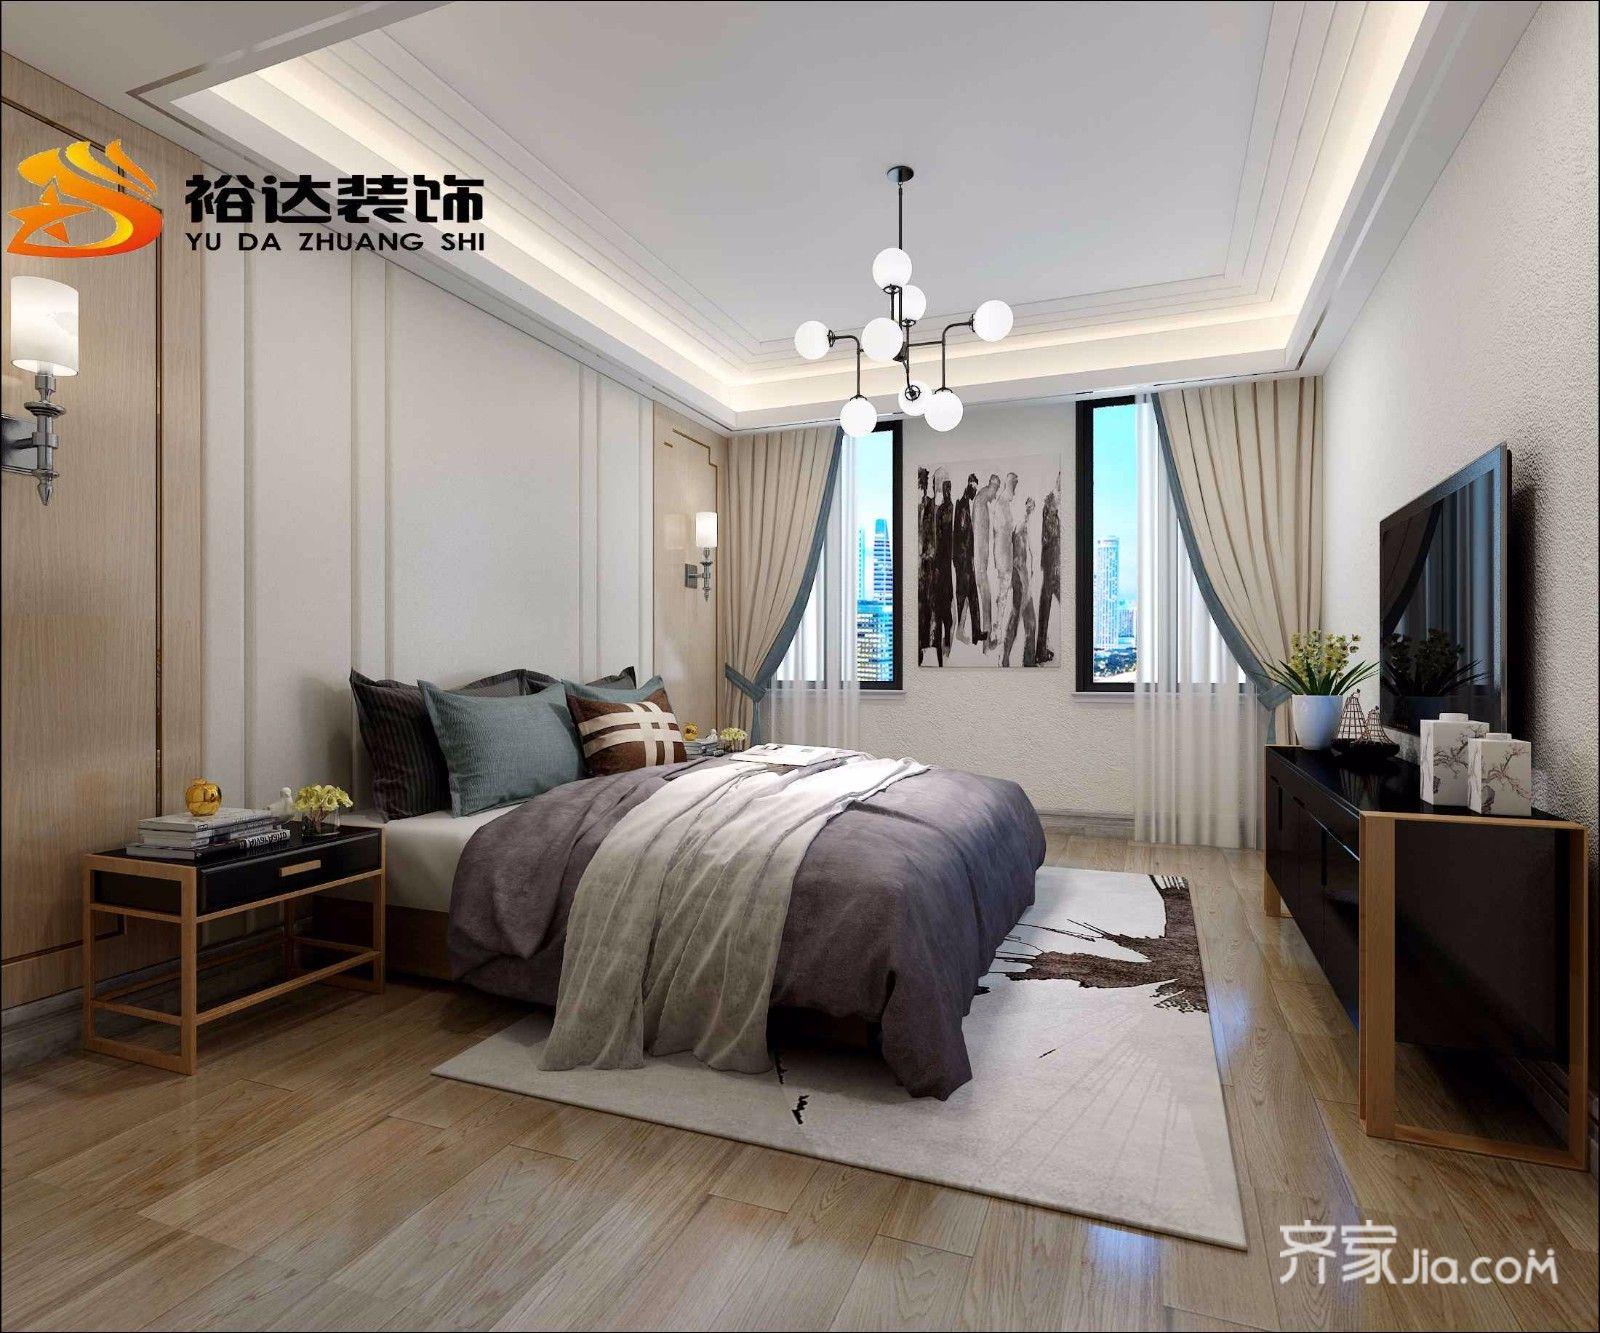 简约风格复式公寓卧室装修效果图